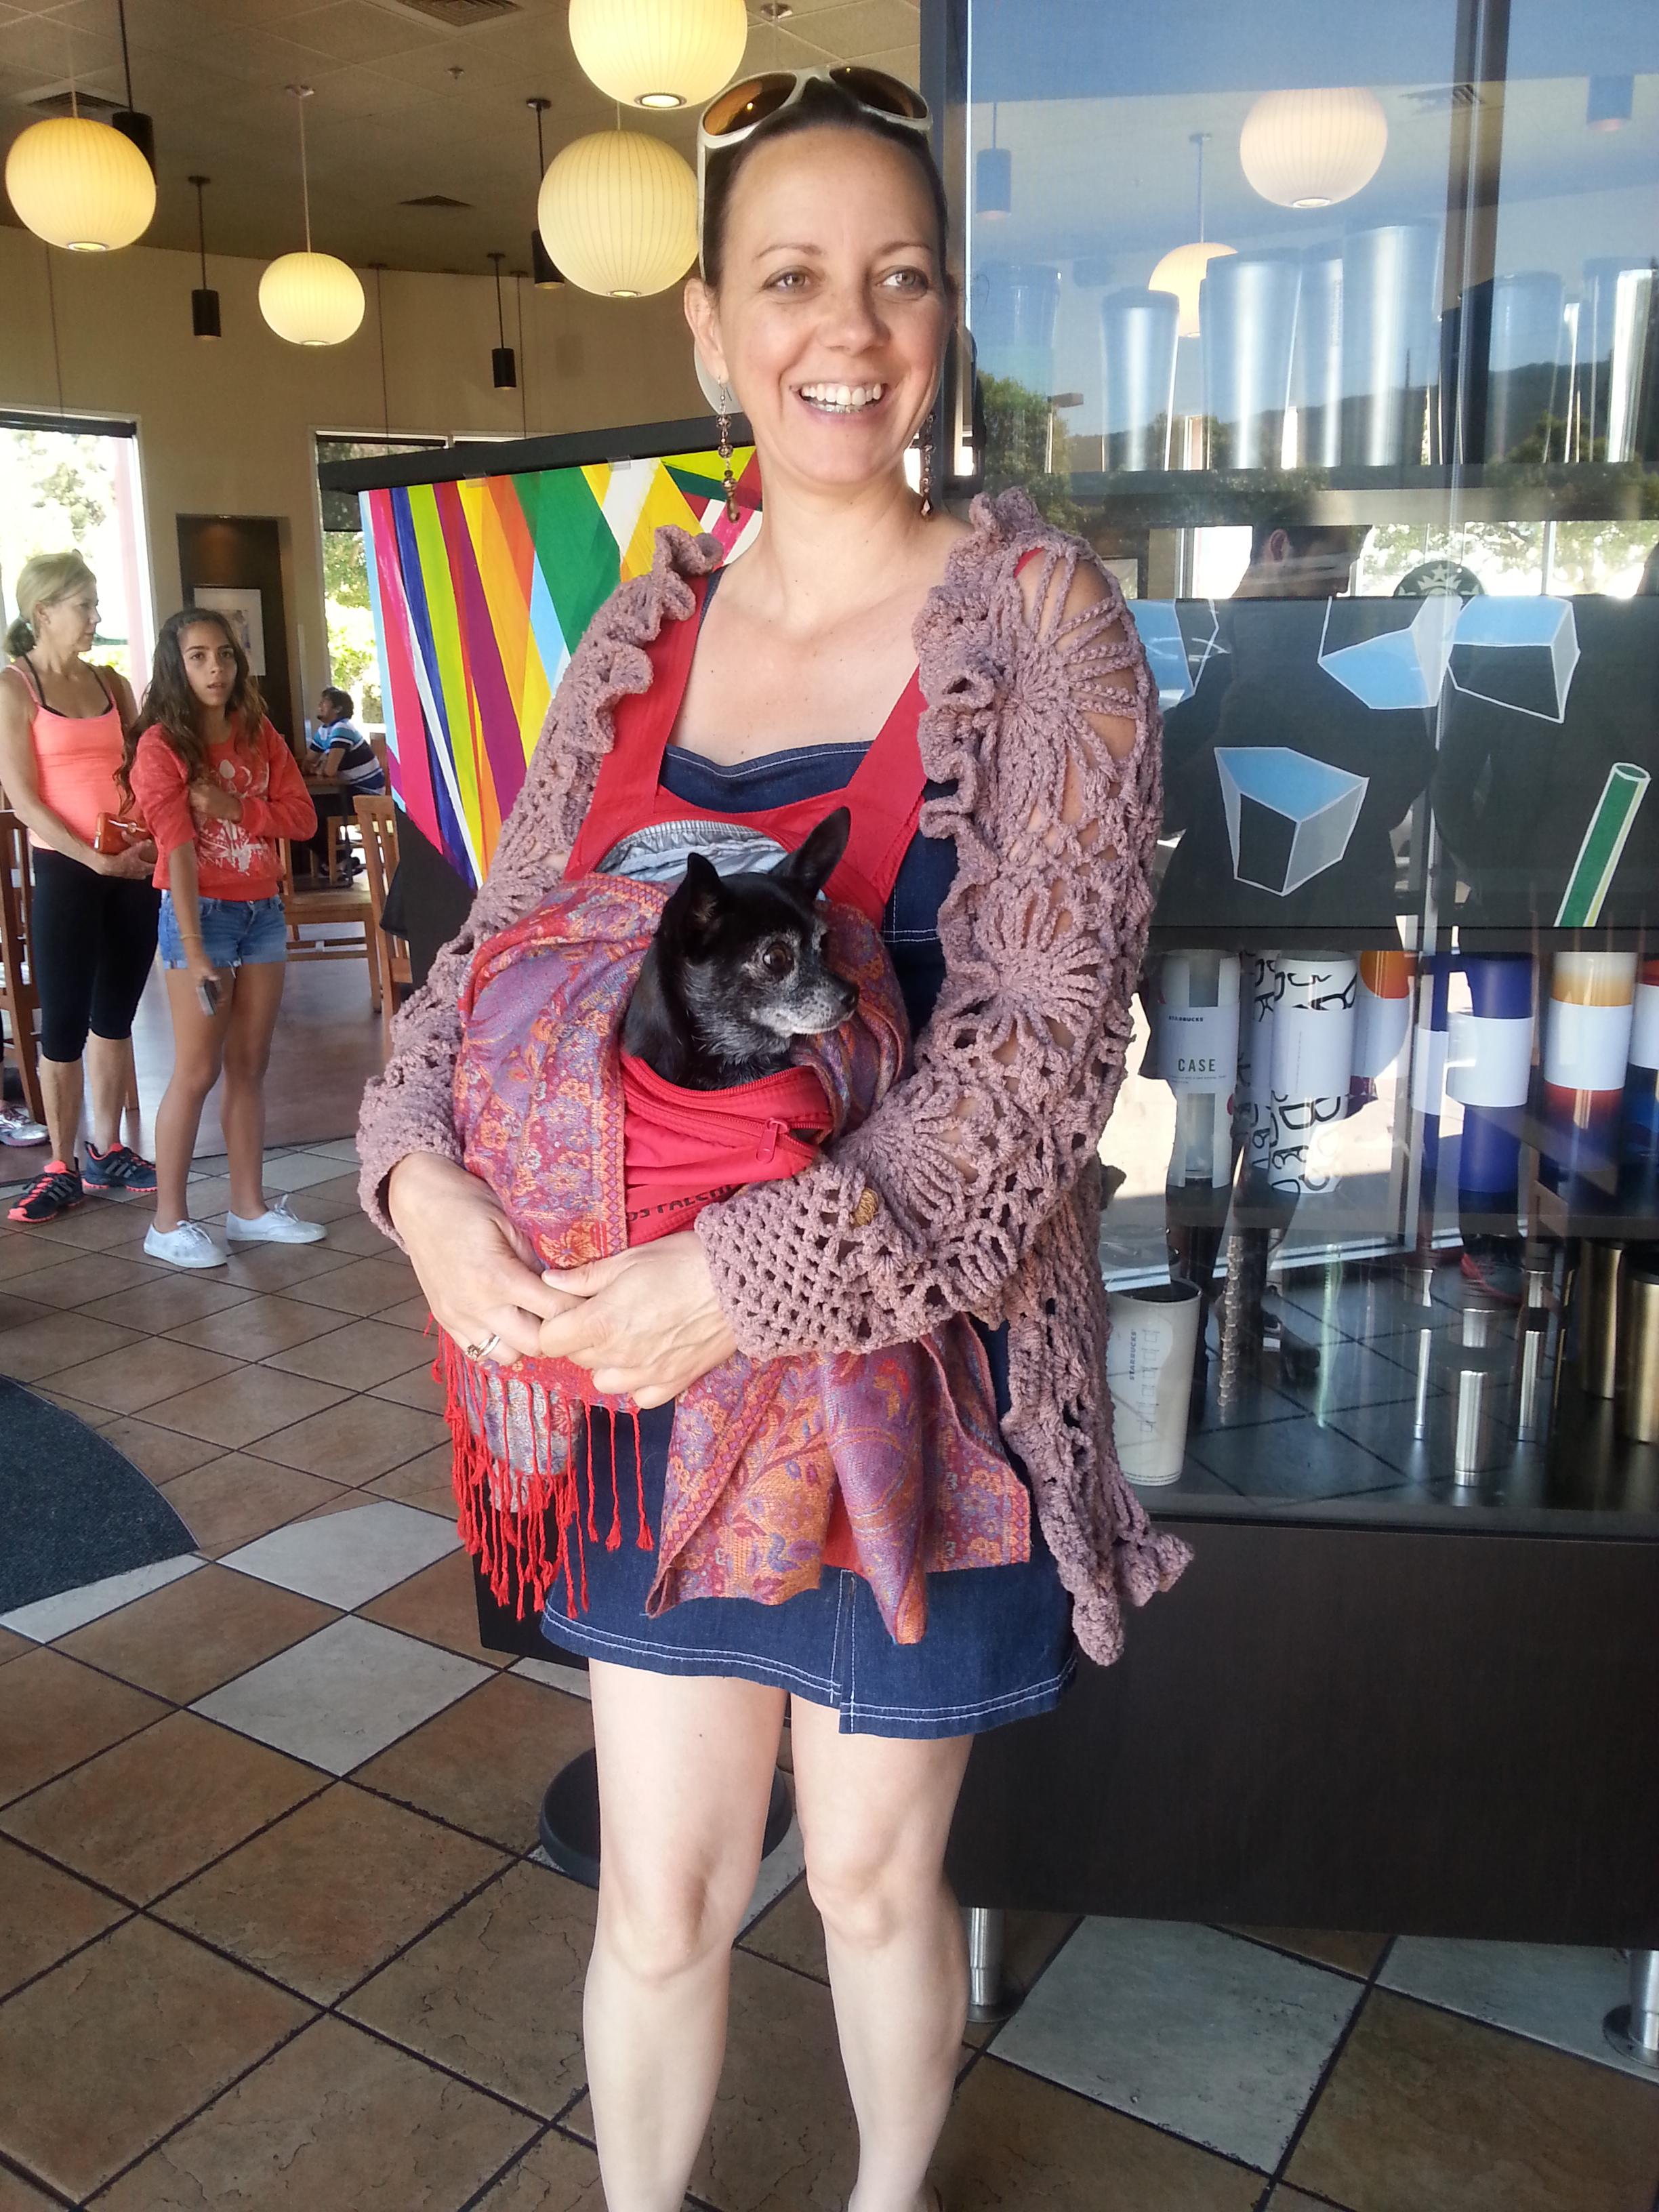 Patricia carregando Maria Ramos que fez questao de participar desse Cafe ;)